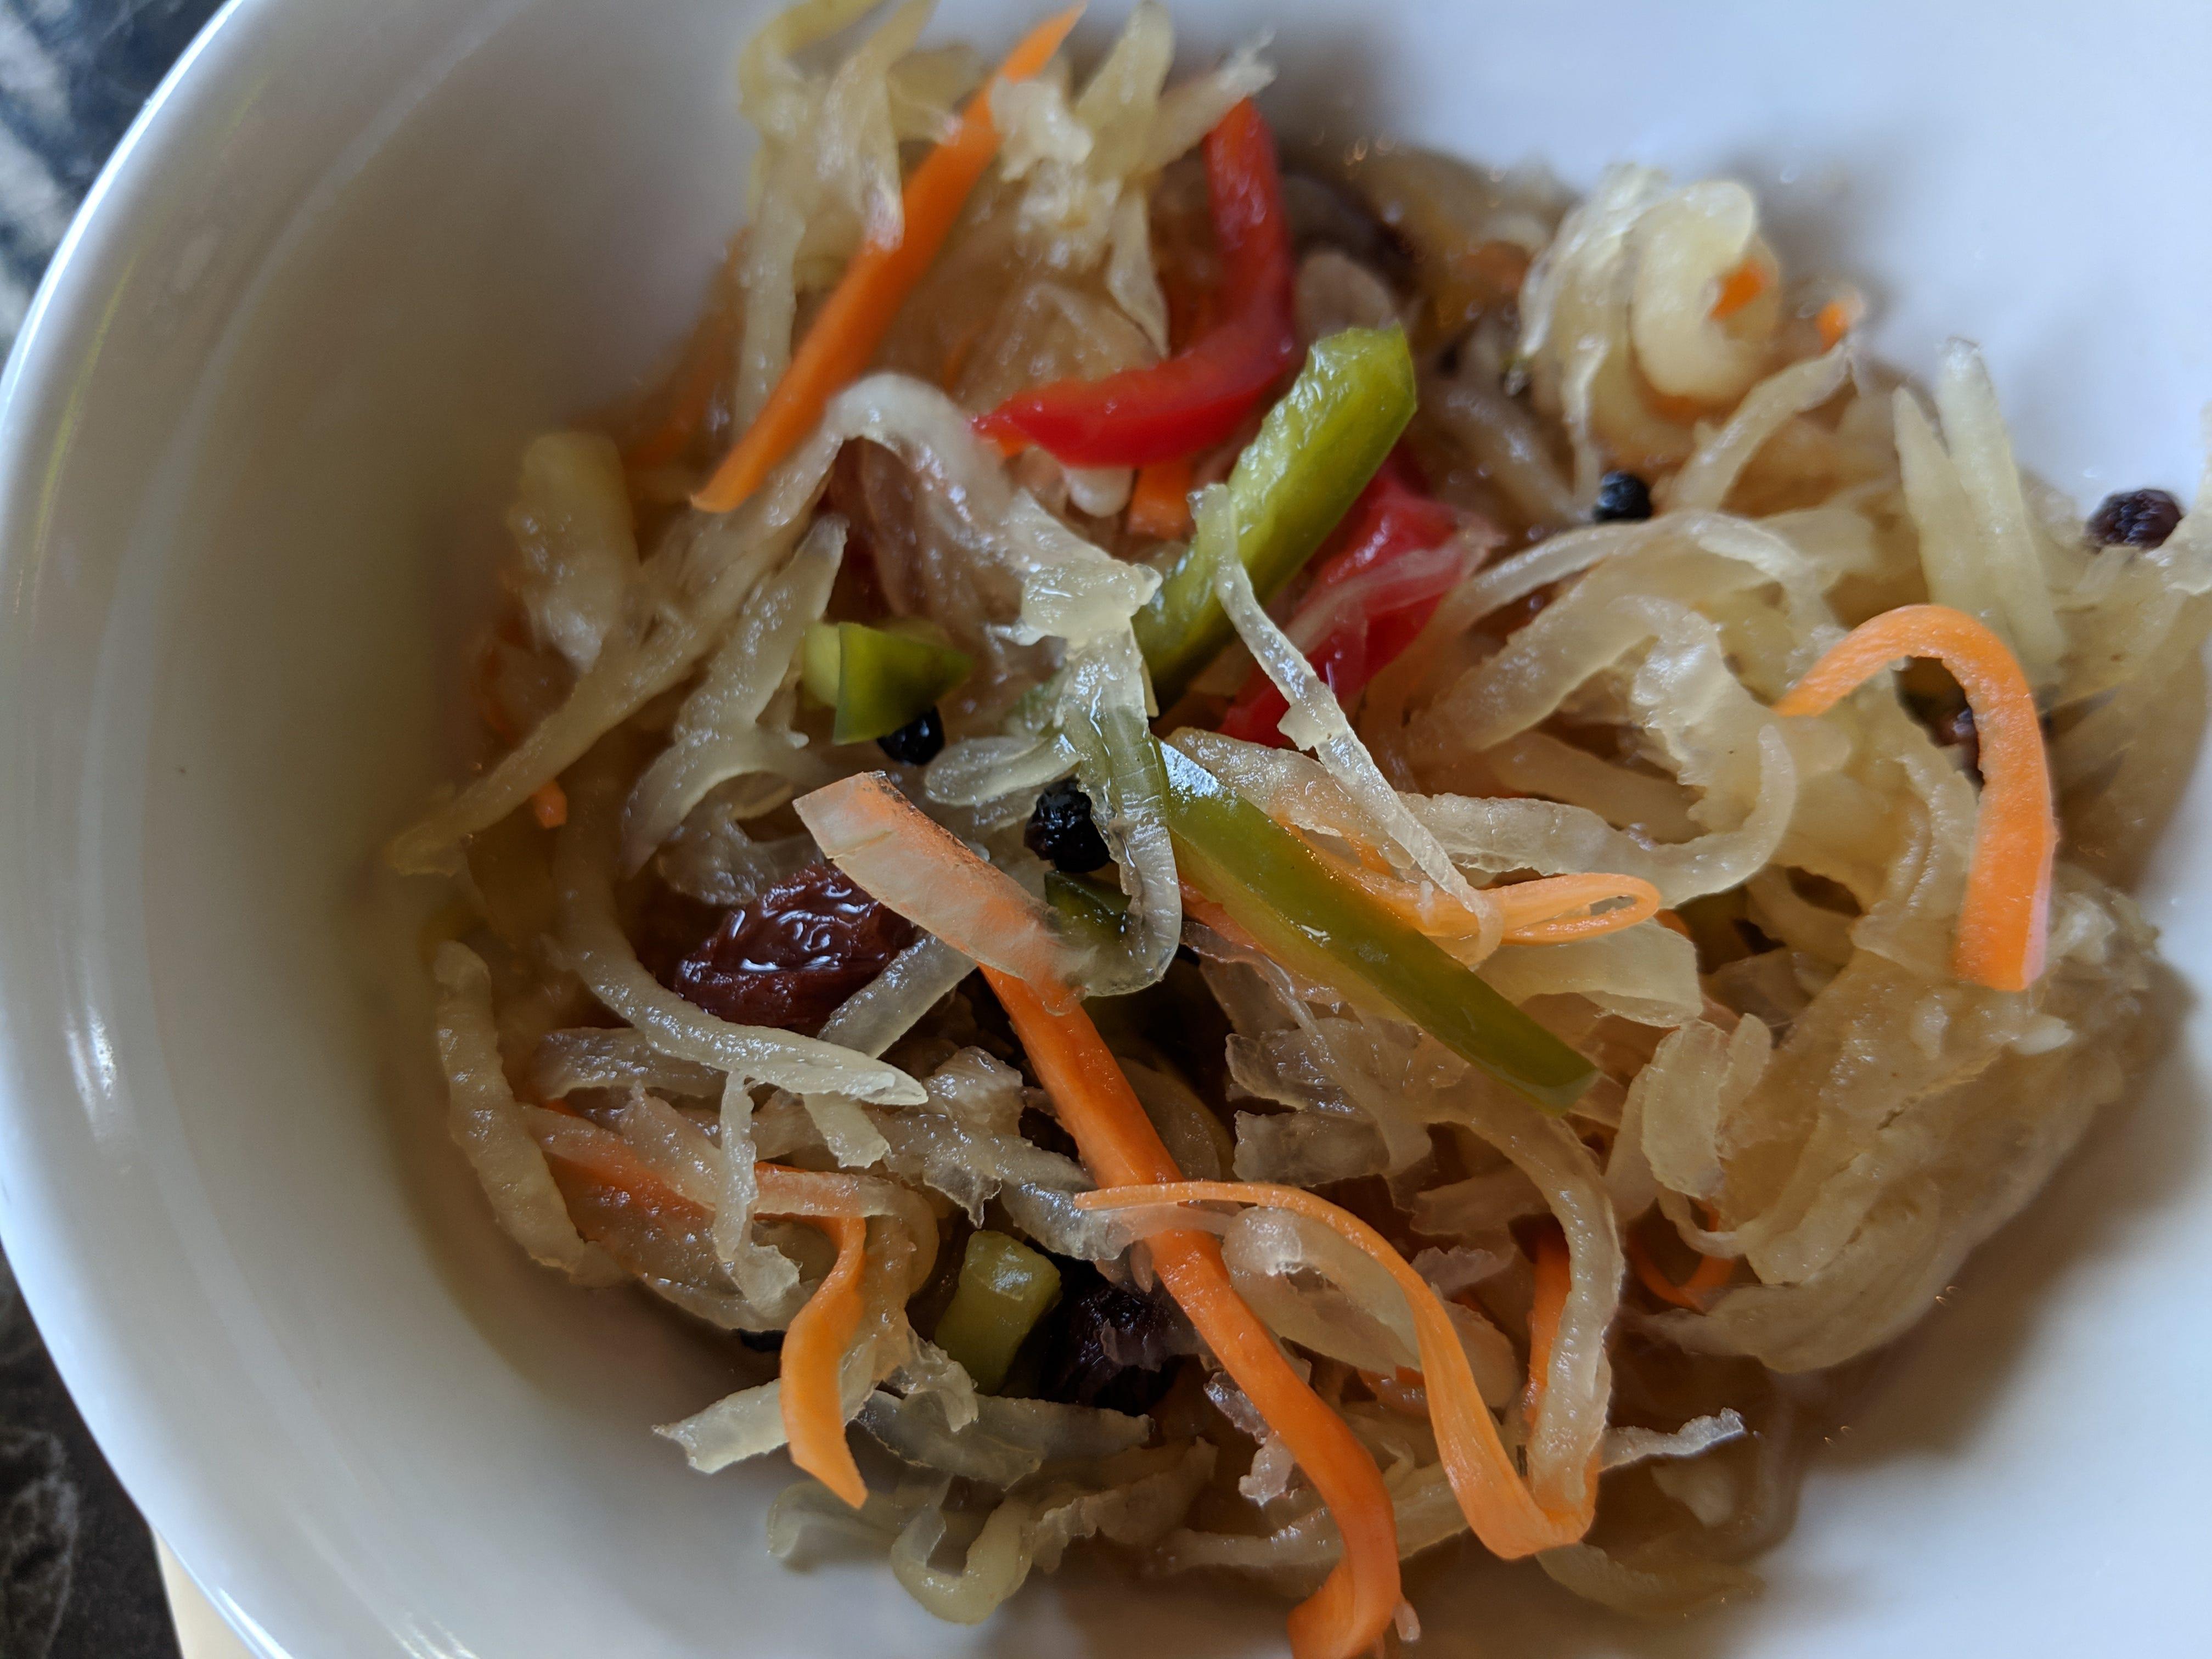 The homemade pickled papaya salad at Casa Merlita.